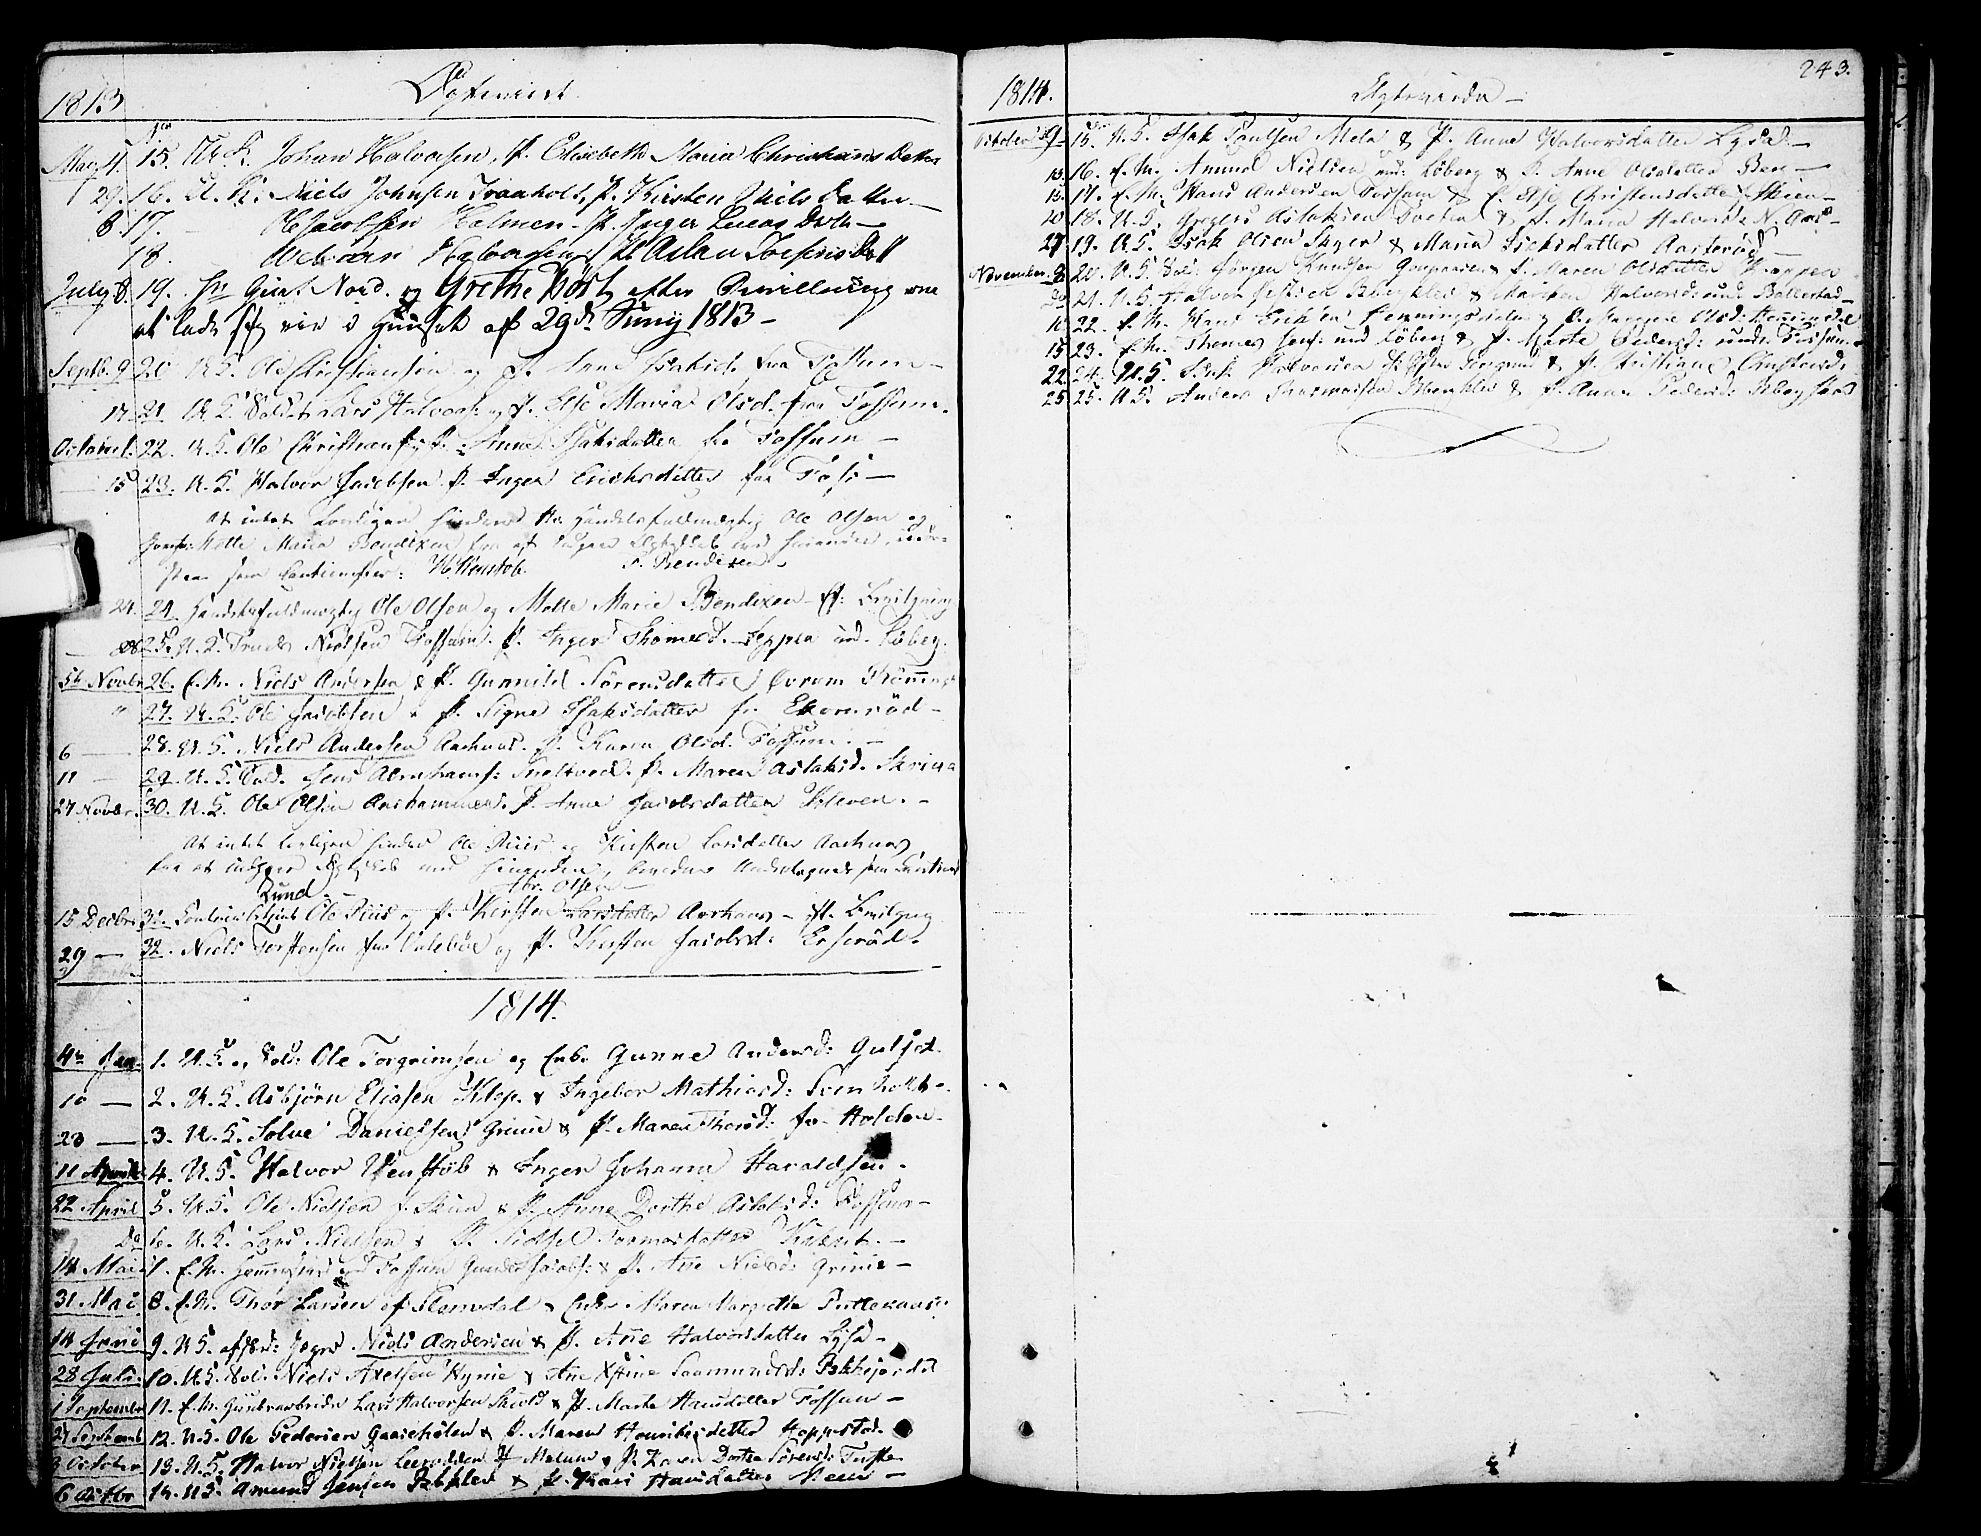 SAKO, Gjerpen kirkebøker, F/Fa/L0003: Ministerialbok nr. 3, 1796-1814, s. 243